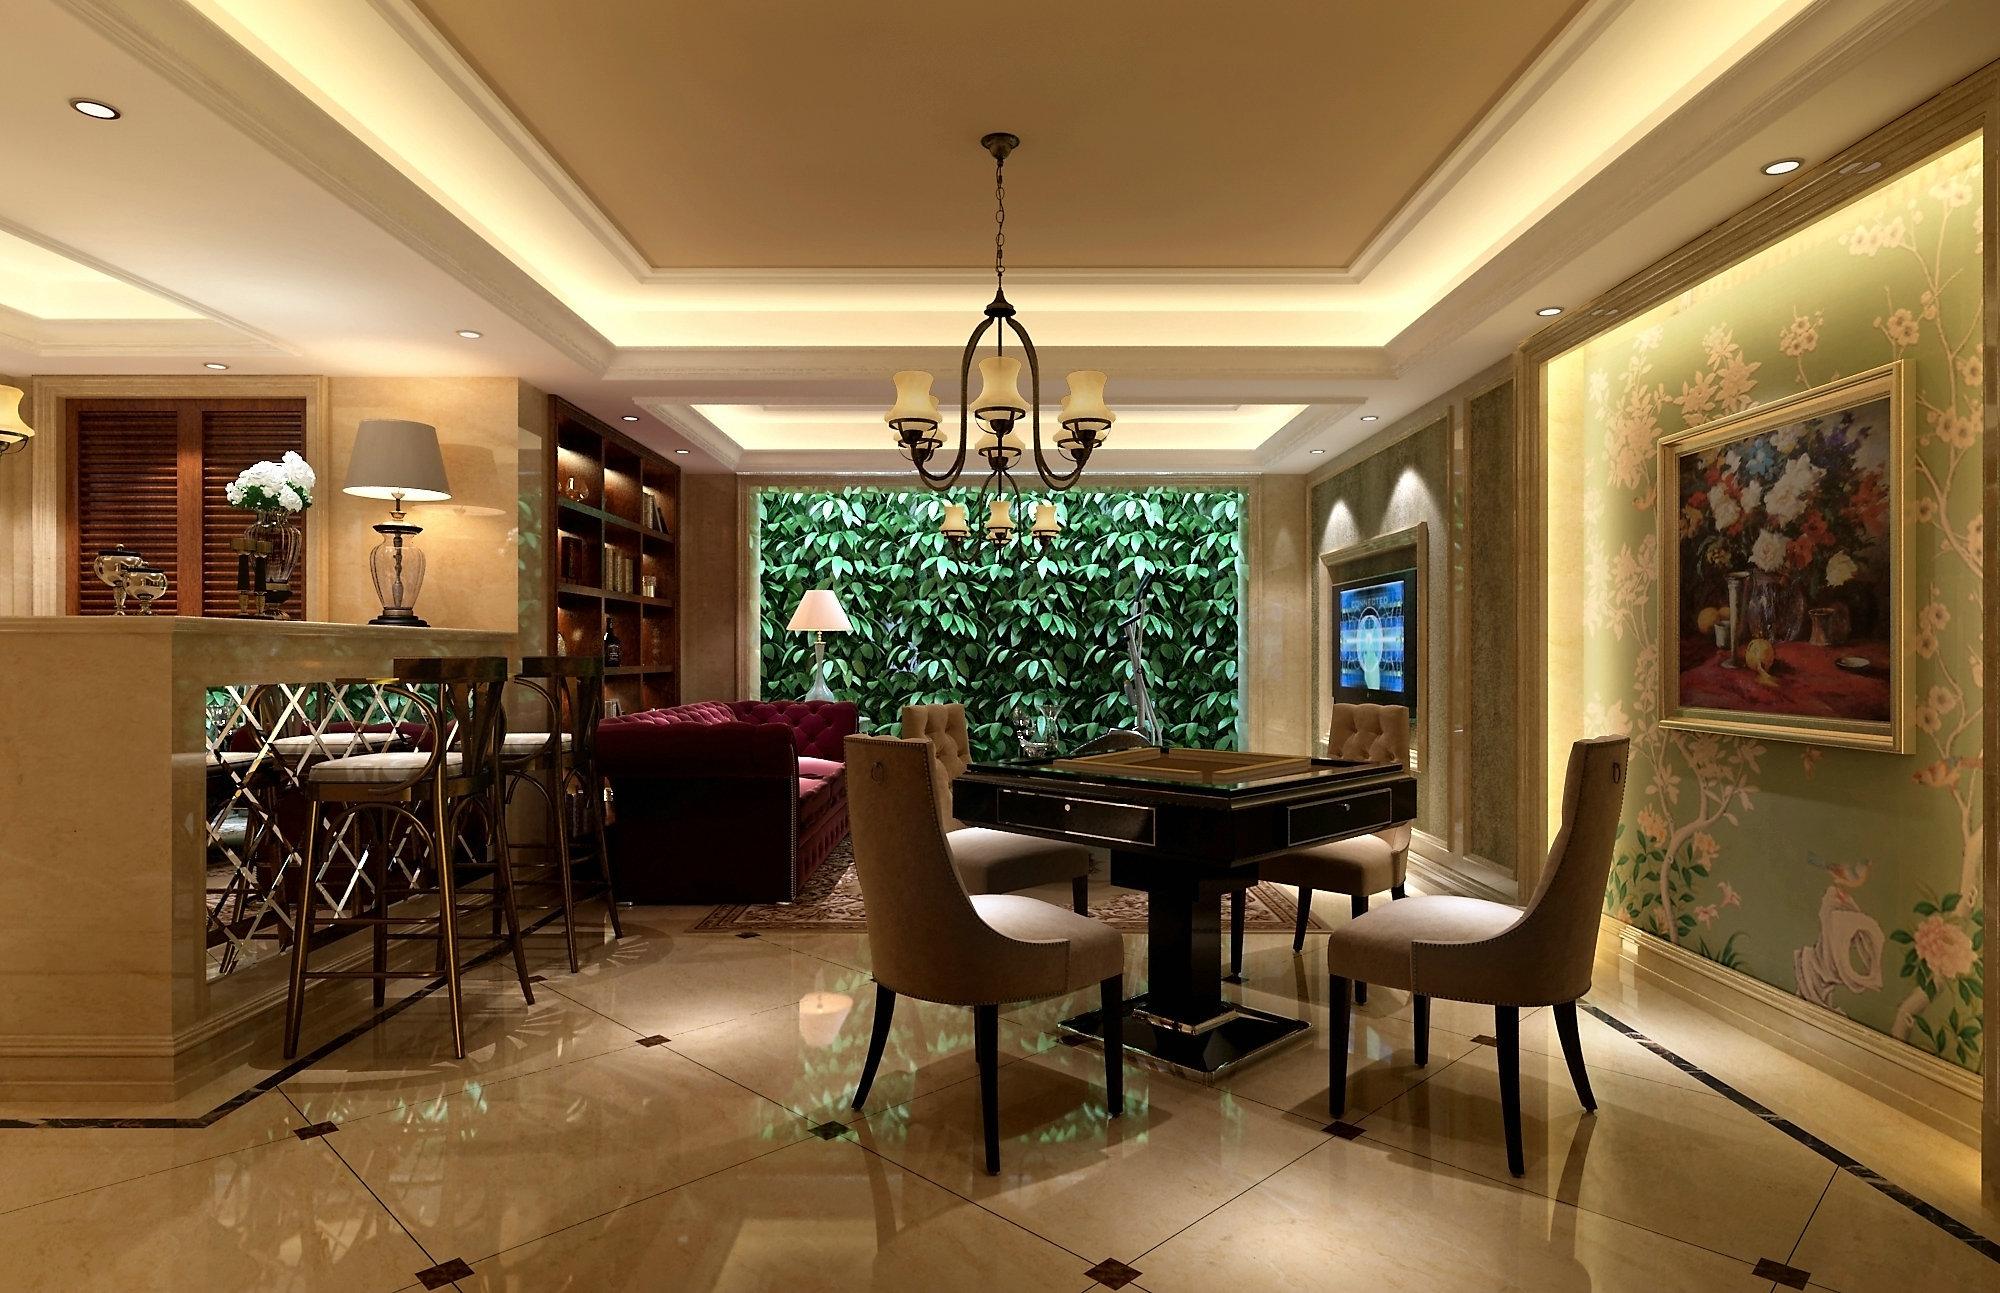 东方豪园 别墅装修 欧美风格 腾龙设计 餐厅图片来自孔继民在东方豪园独栋别墅项目装修欧美风的分享